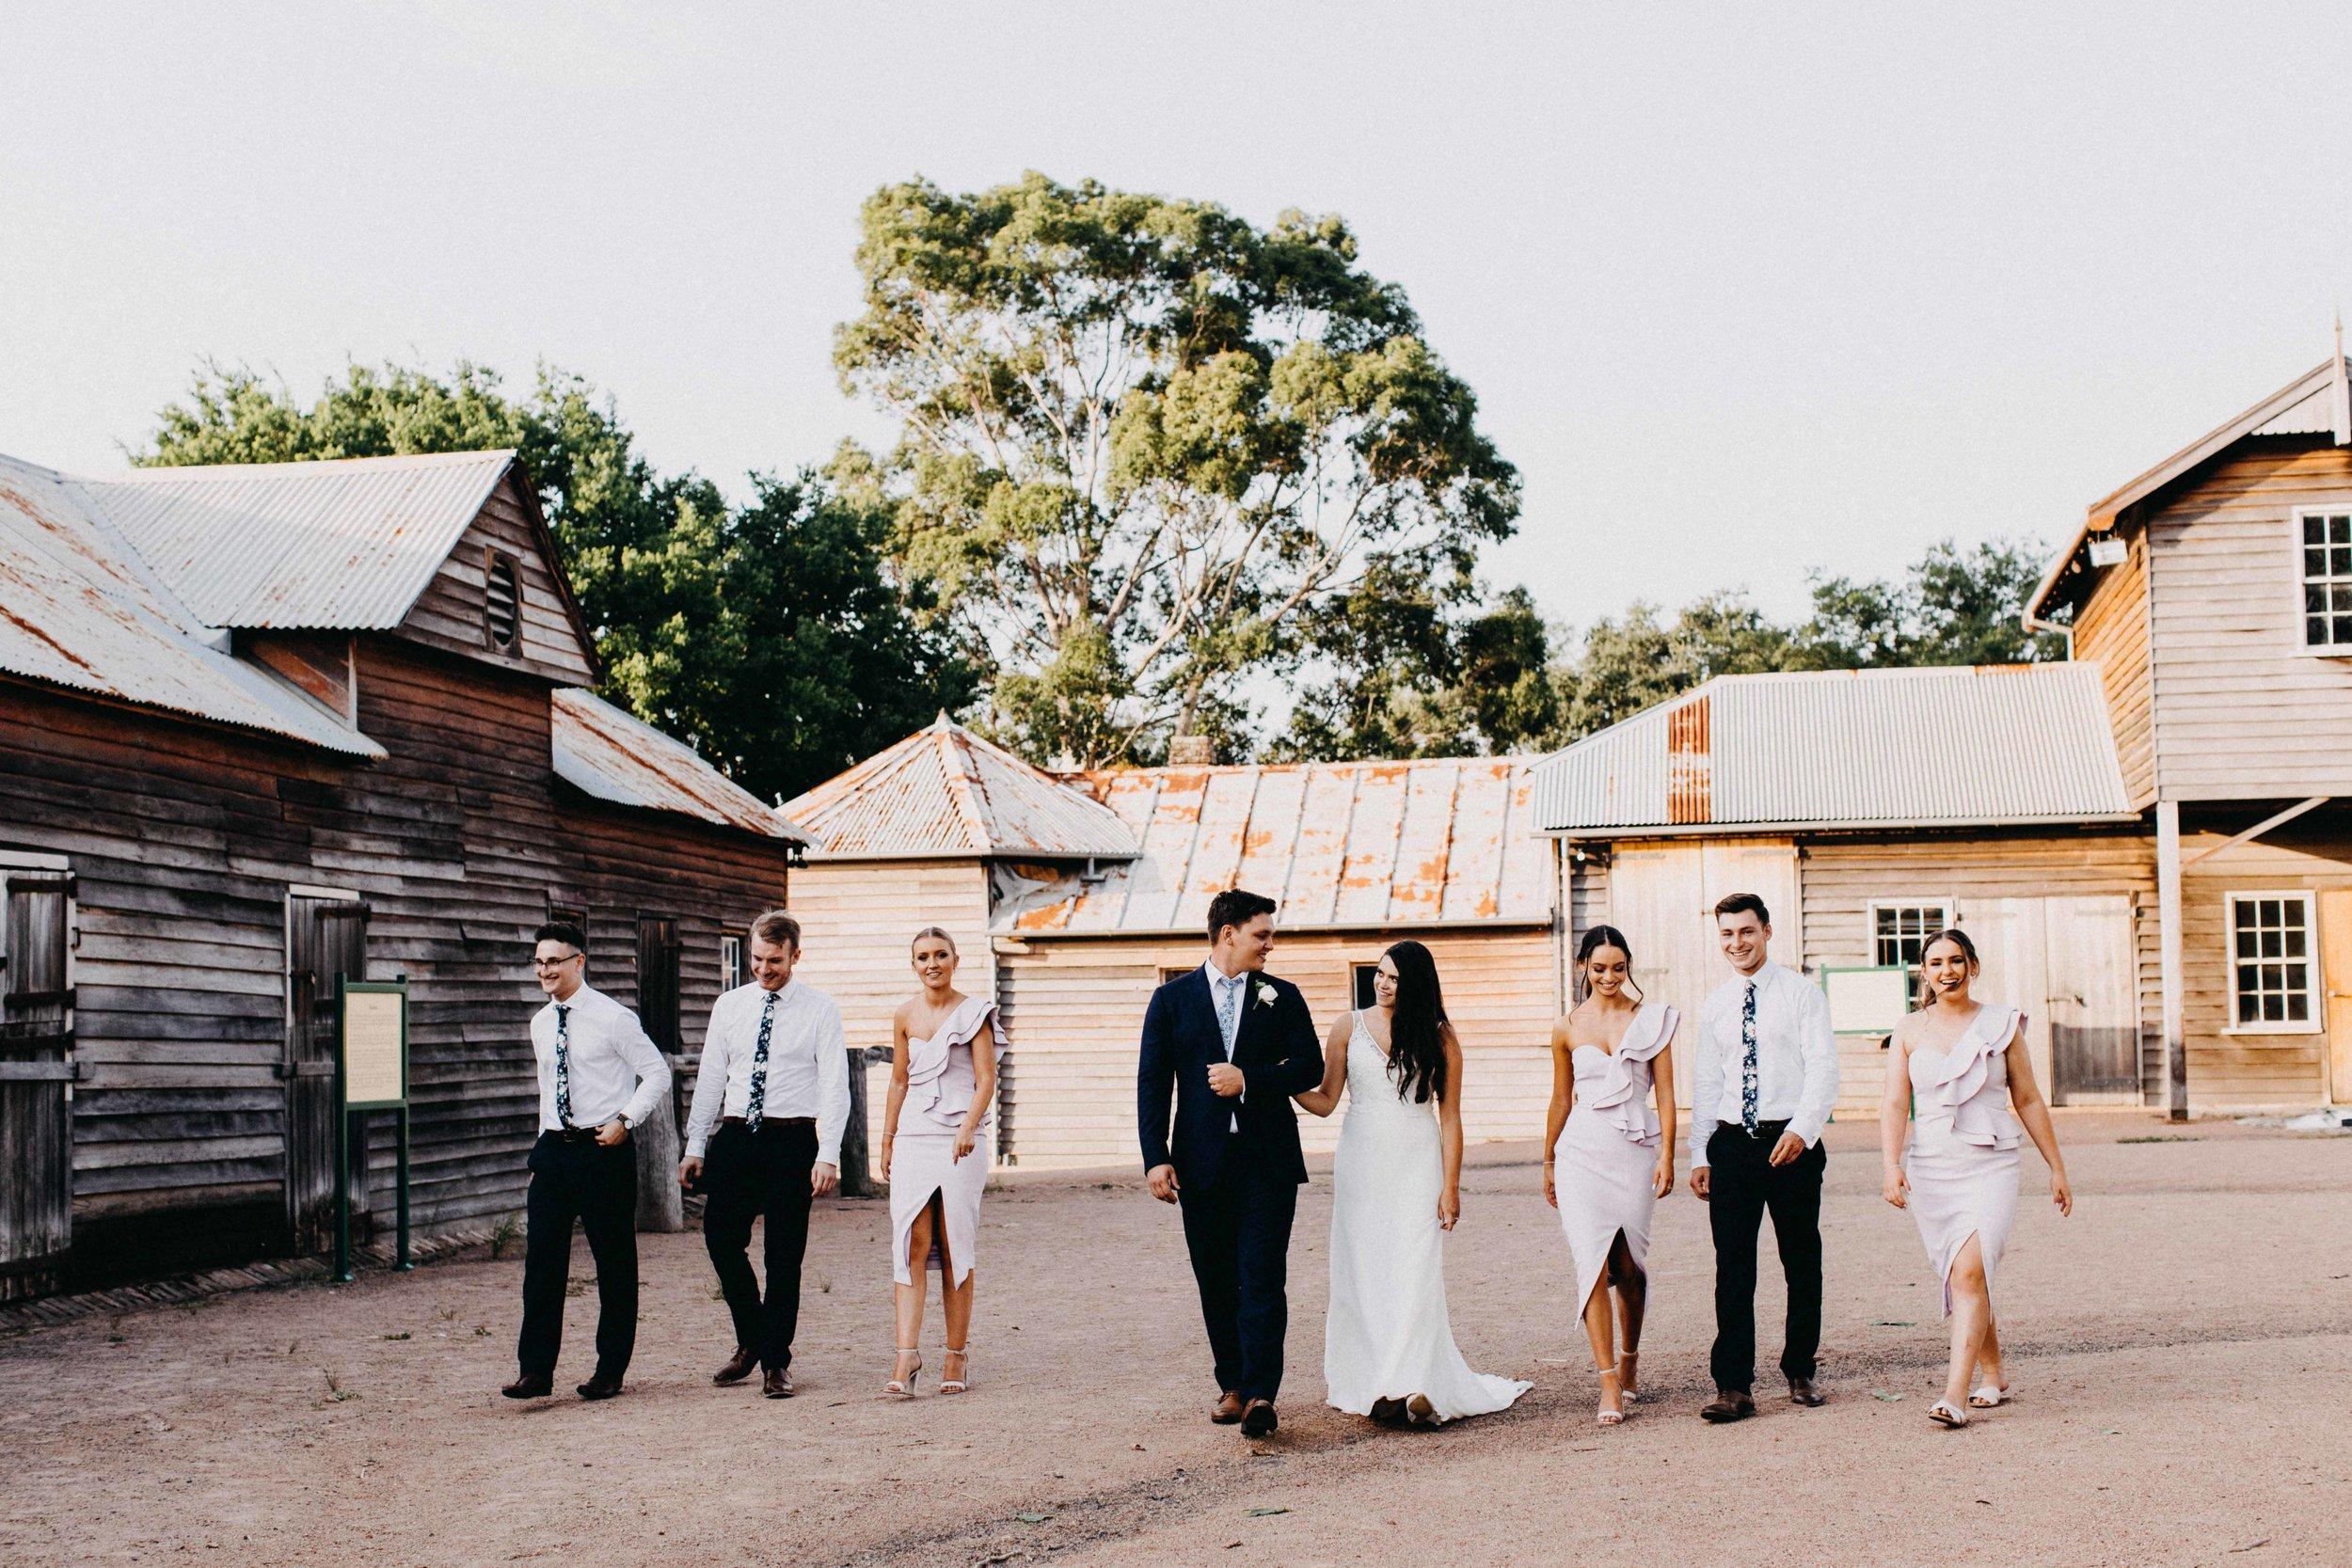 www.emilyobrienphotography.net-belgenny-farm-wedding-camden-photography-maddie-andrzej-157.jpg